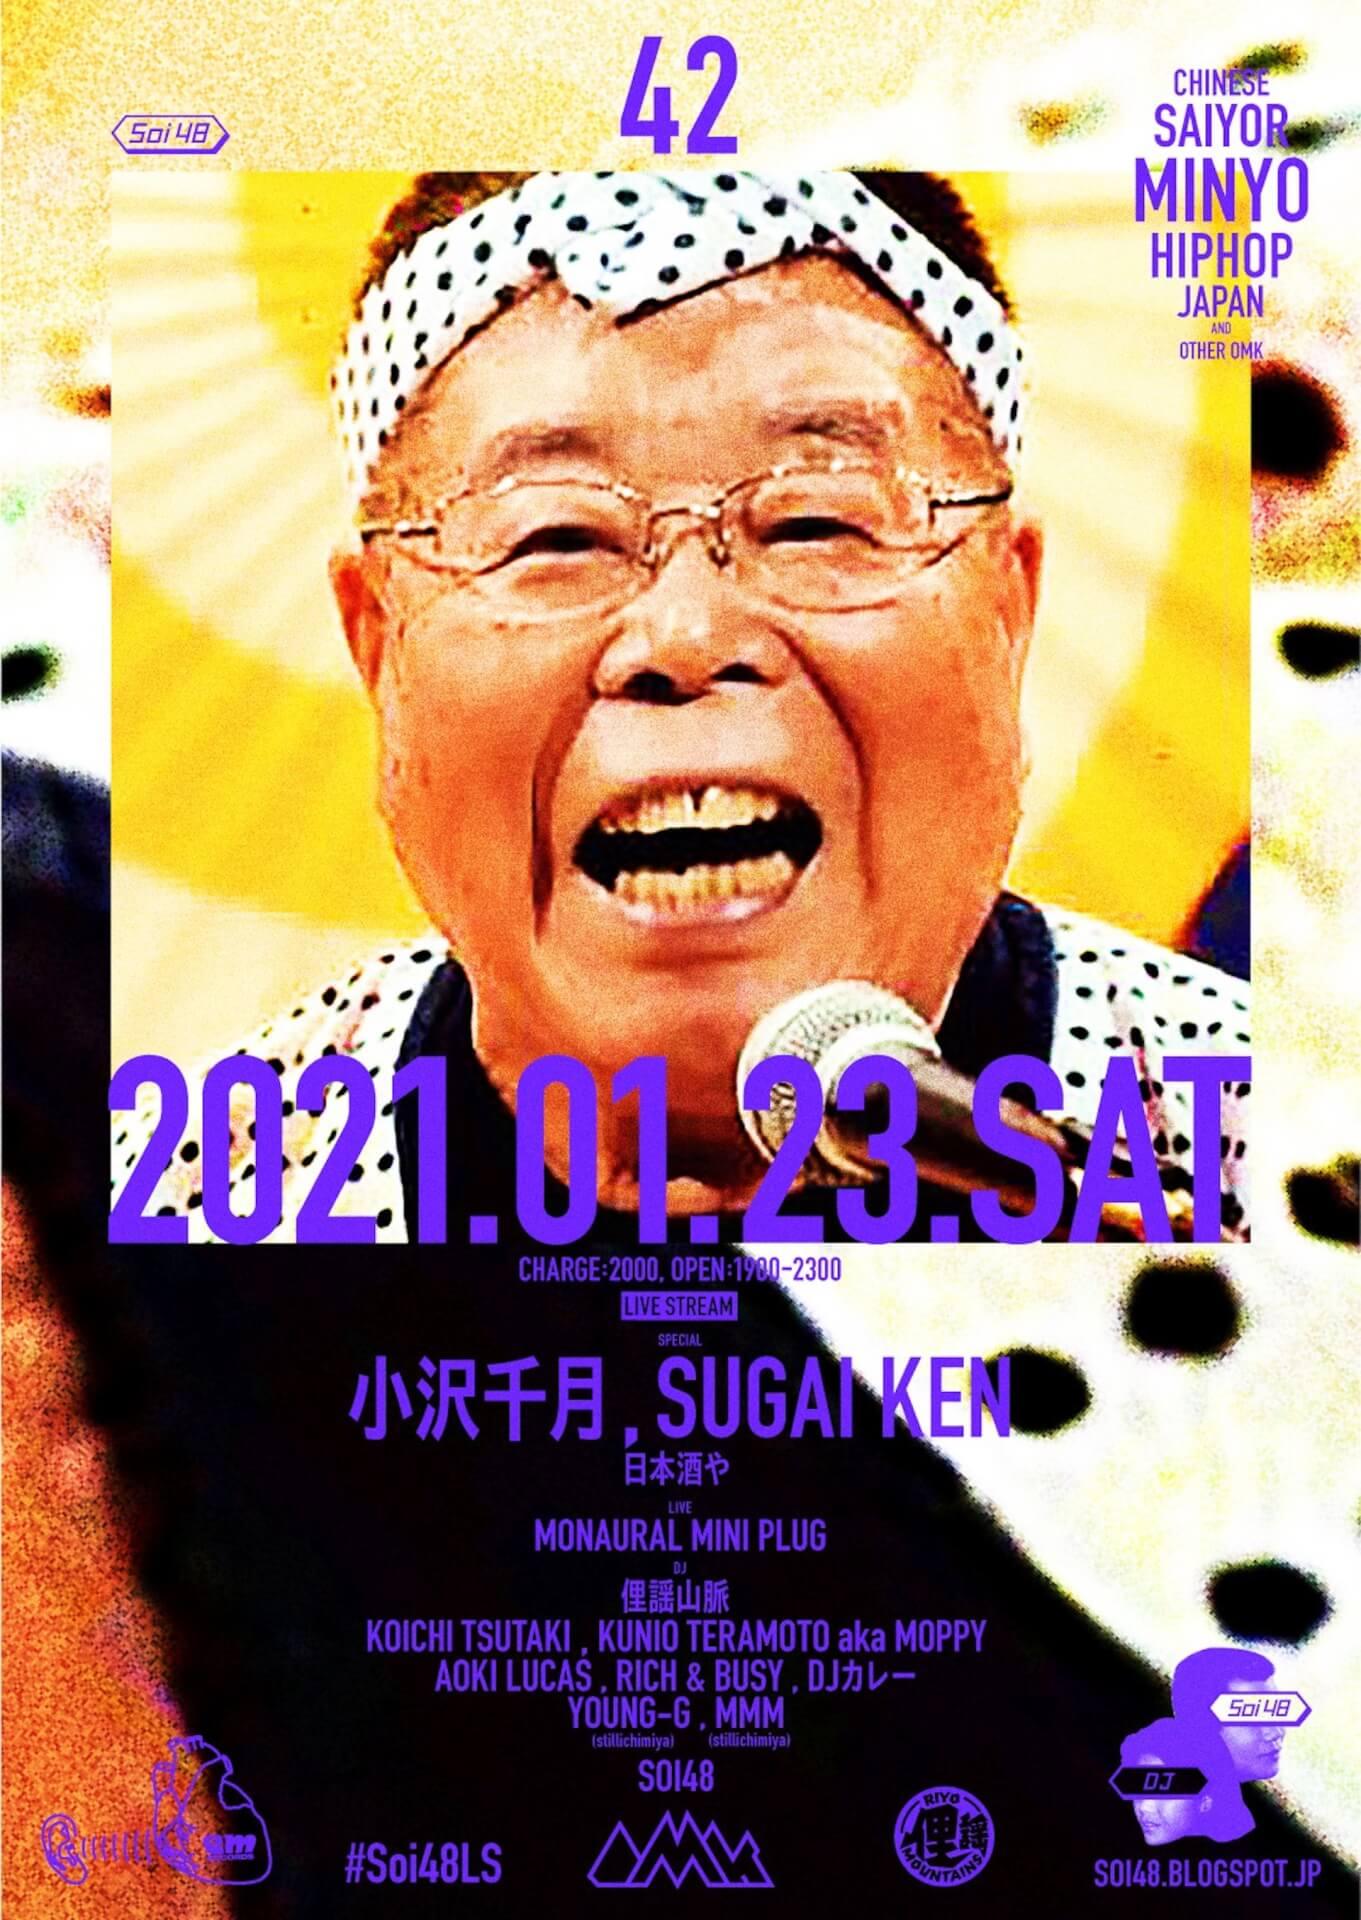 Soi48がスタジオ石協力のオンライン・パーティを開催!民謡歌手・小沢千月、Young-G、MMM、Monaural mini plugが出演 music210114_soi48-01